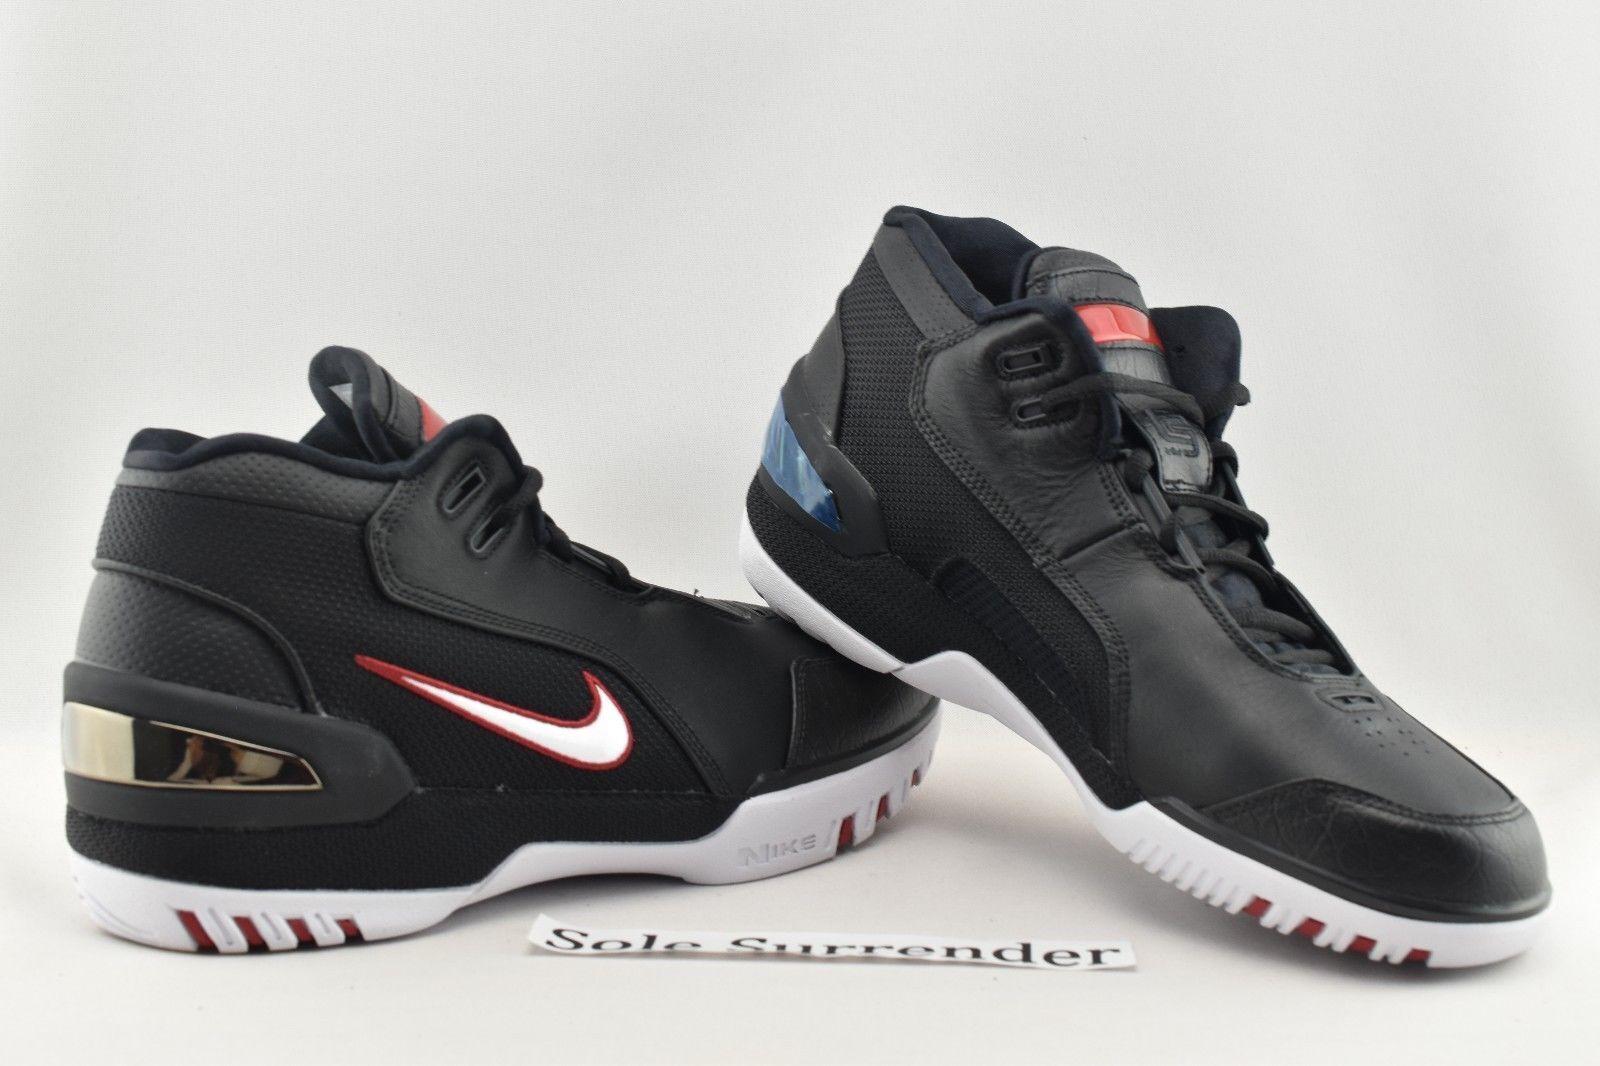 9258fb2b51c Nike Air Zoom Generation QS Size 9 1 2 Lebron James Retro Black AZG ...